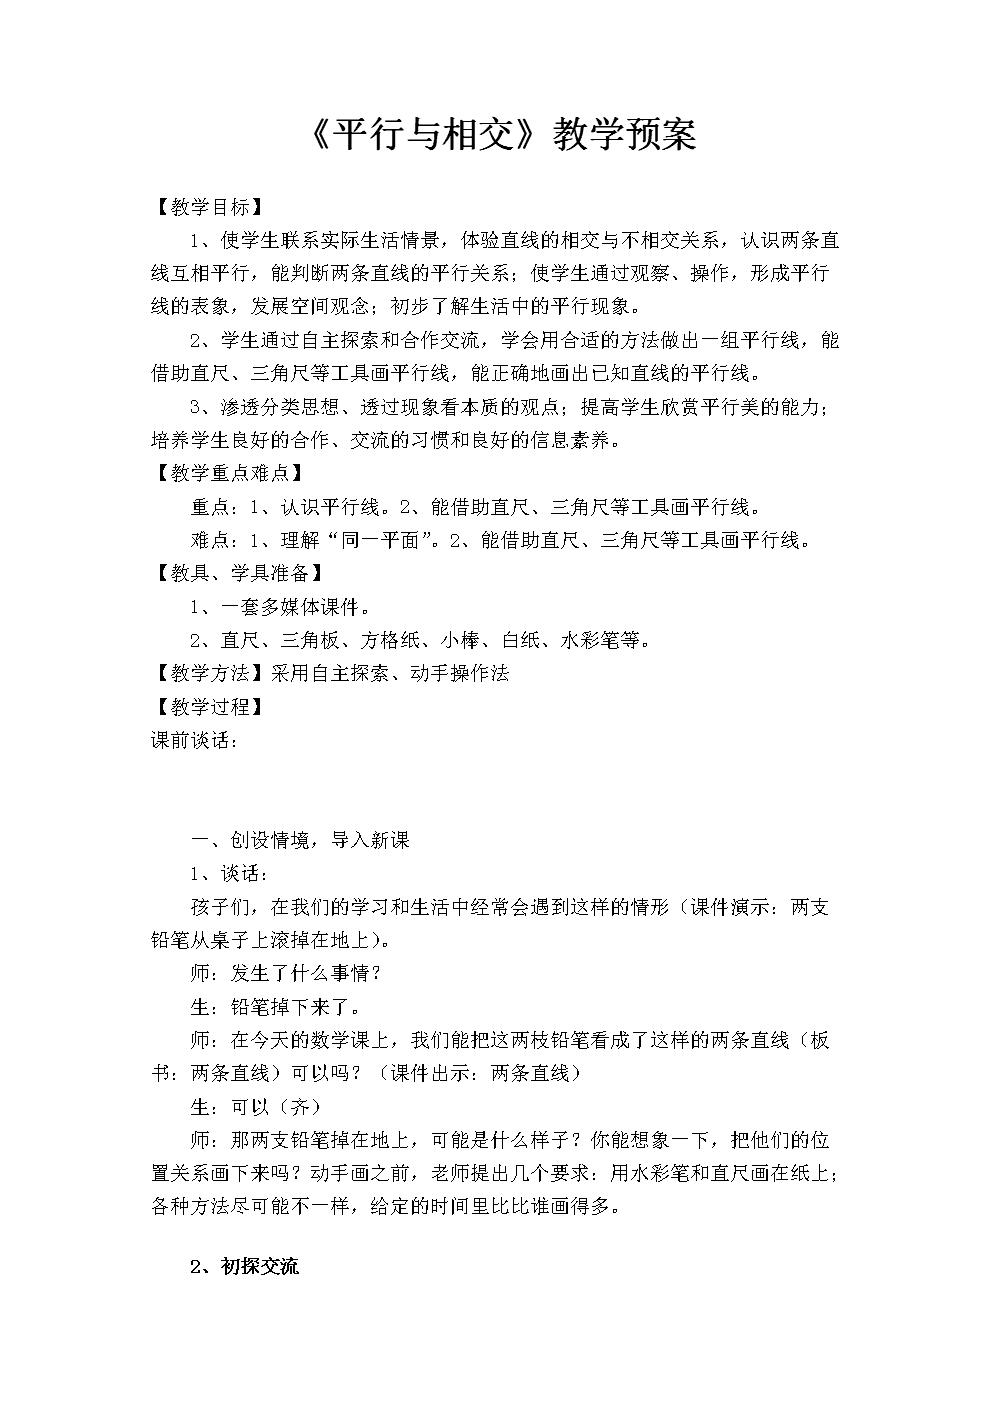 四年级上册数学教案-8  平行与相交|苏教版(2014秋).doc